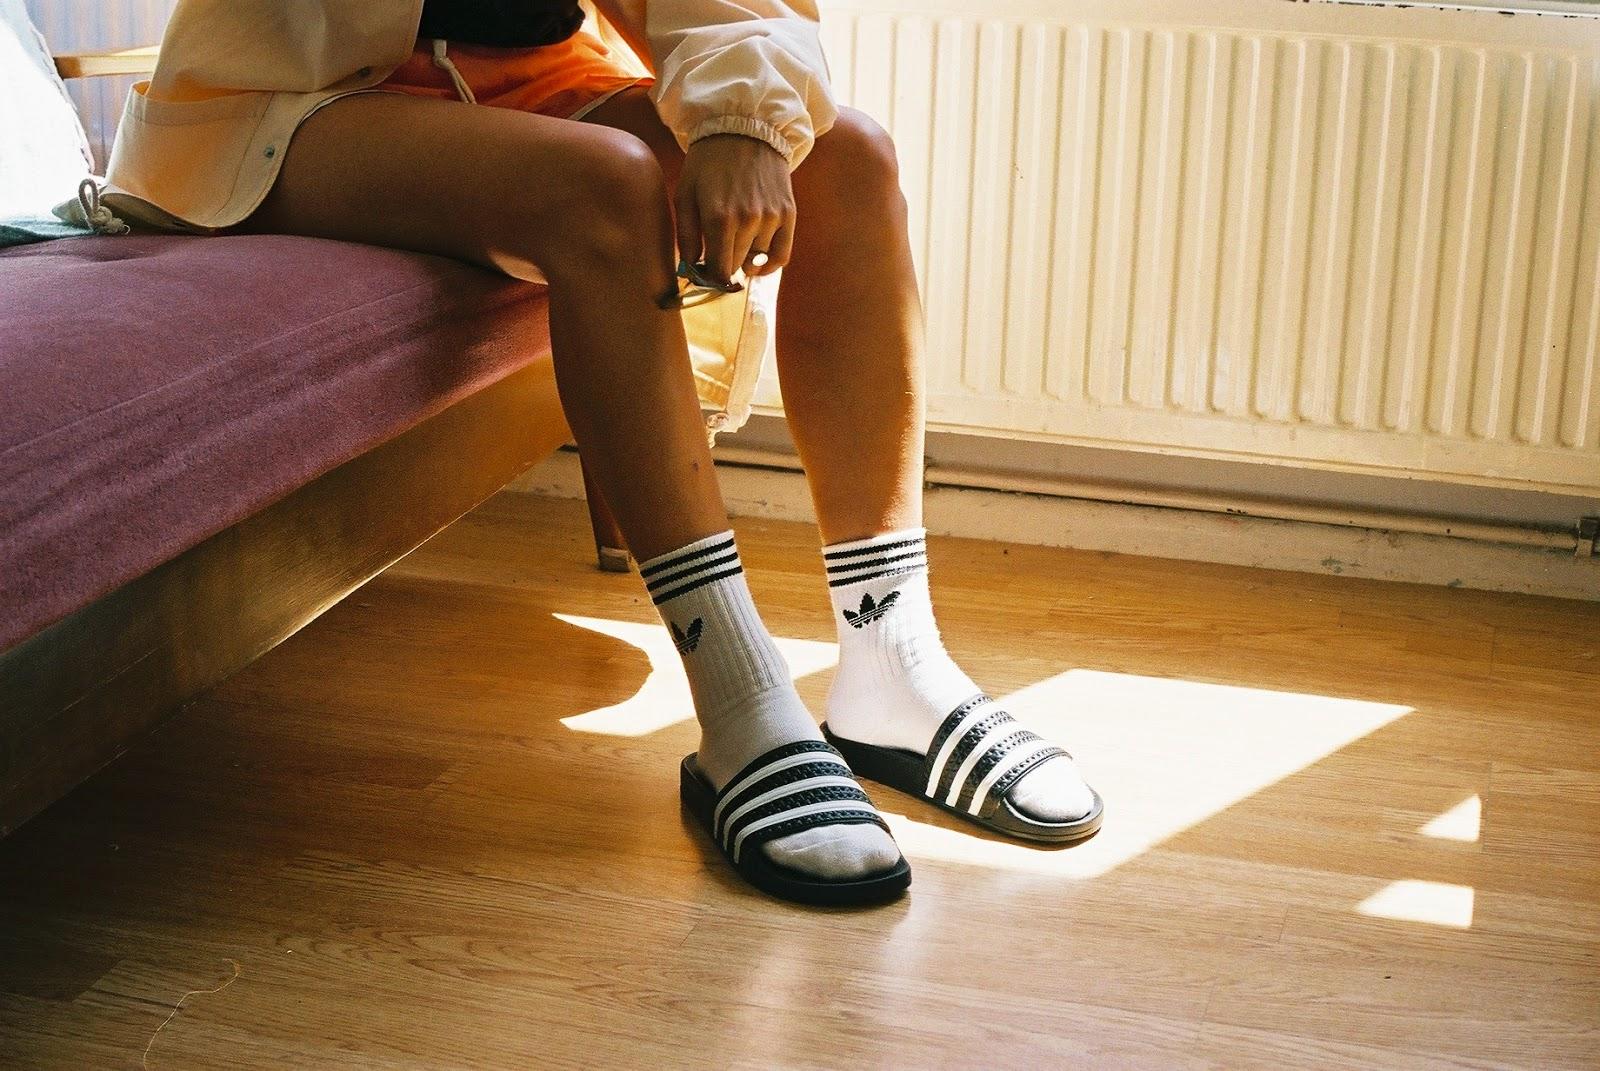 separation shoes 9a7da 183c6 huge discount e4f64 e1e21 slide adidas tumblr.com - dondevotarvenezuela.com